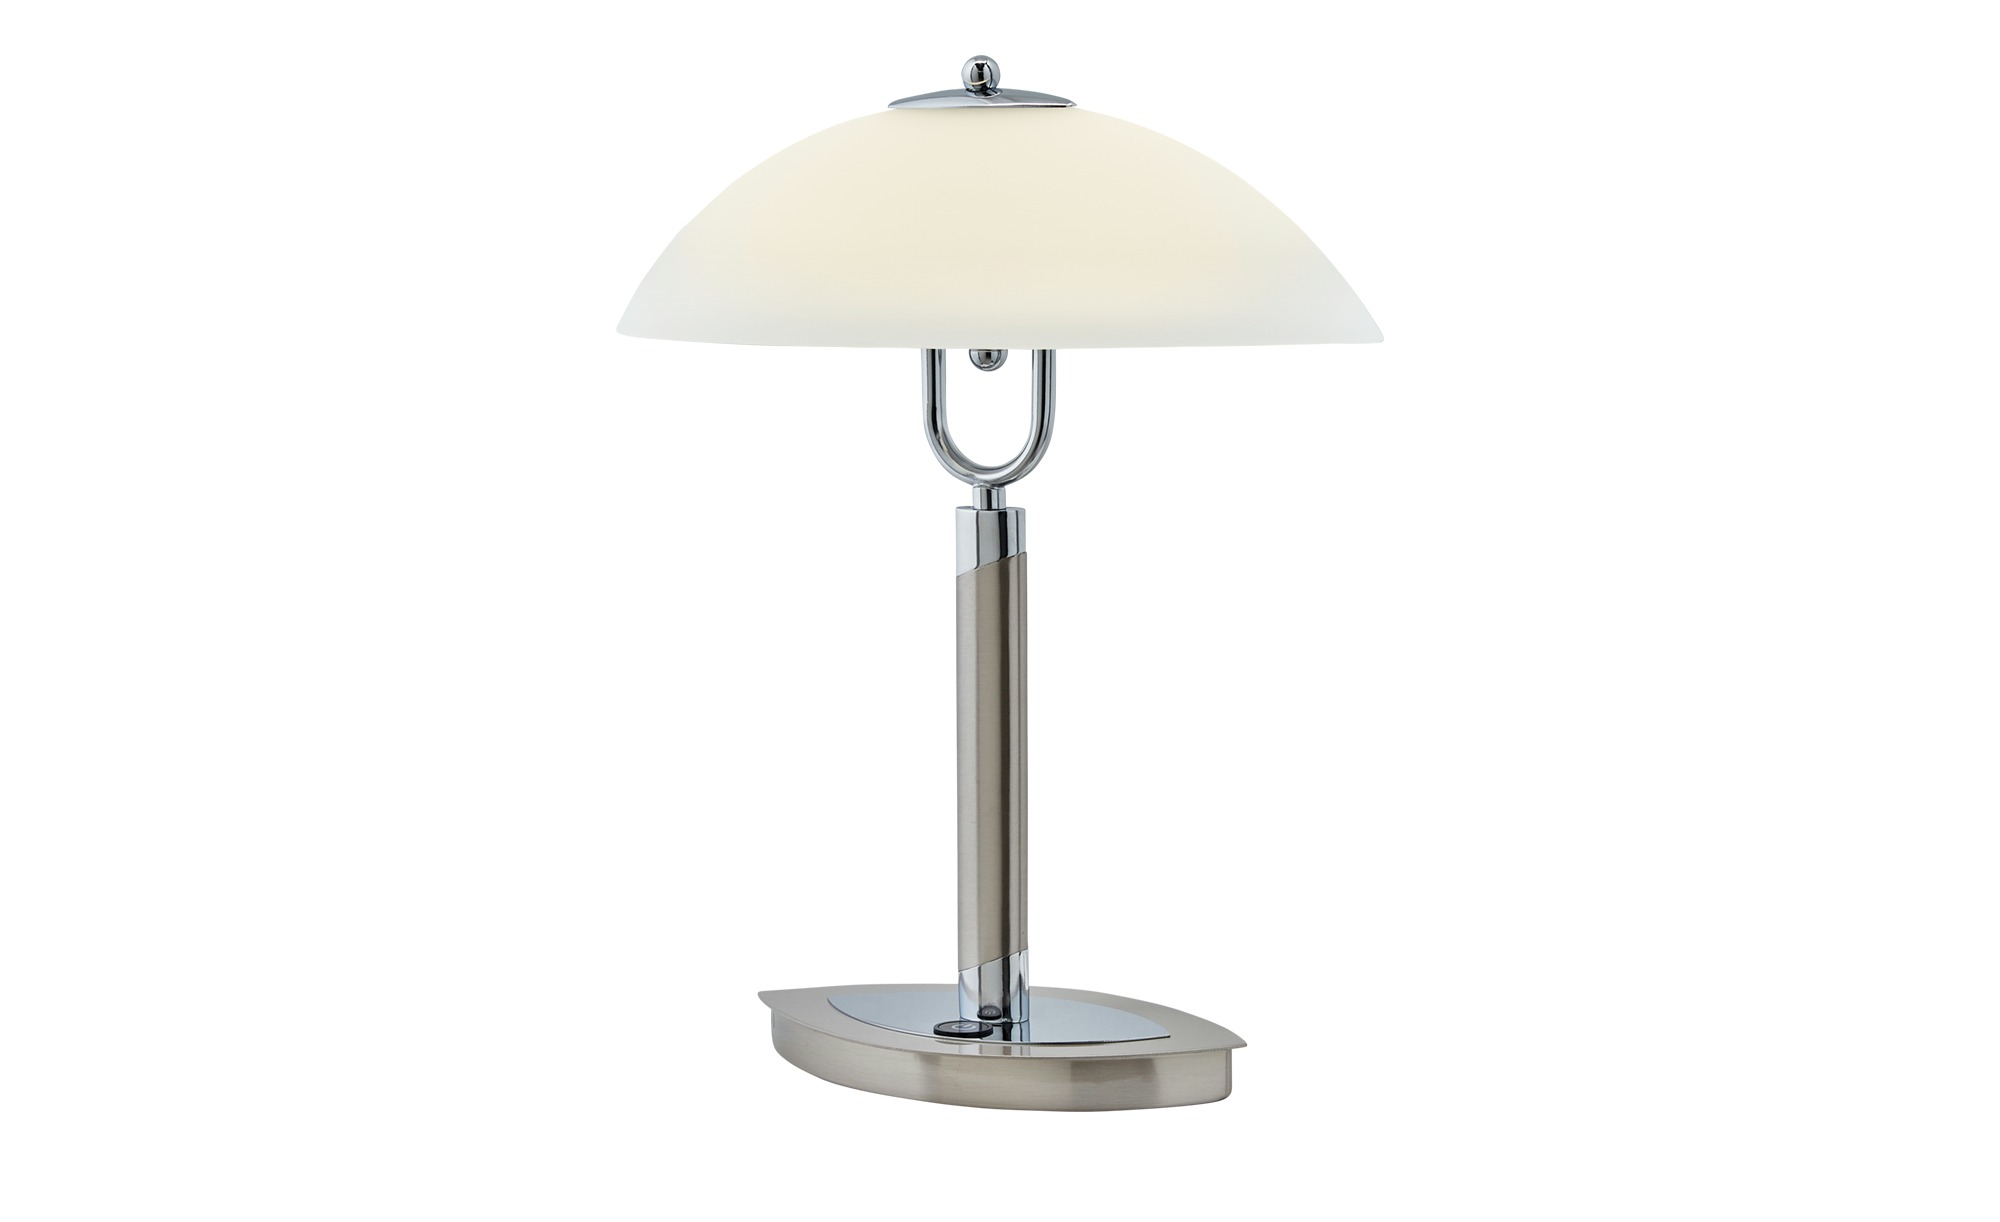 KHG LED- Tischleuchte, Schiffchenglas ¦ silber ¦ Maße (cm): B: 11,5 H: 38 Lampen & Leuchten > Innenleuchten > Tischlampen - Höffner